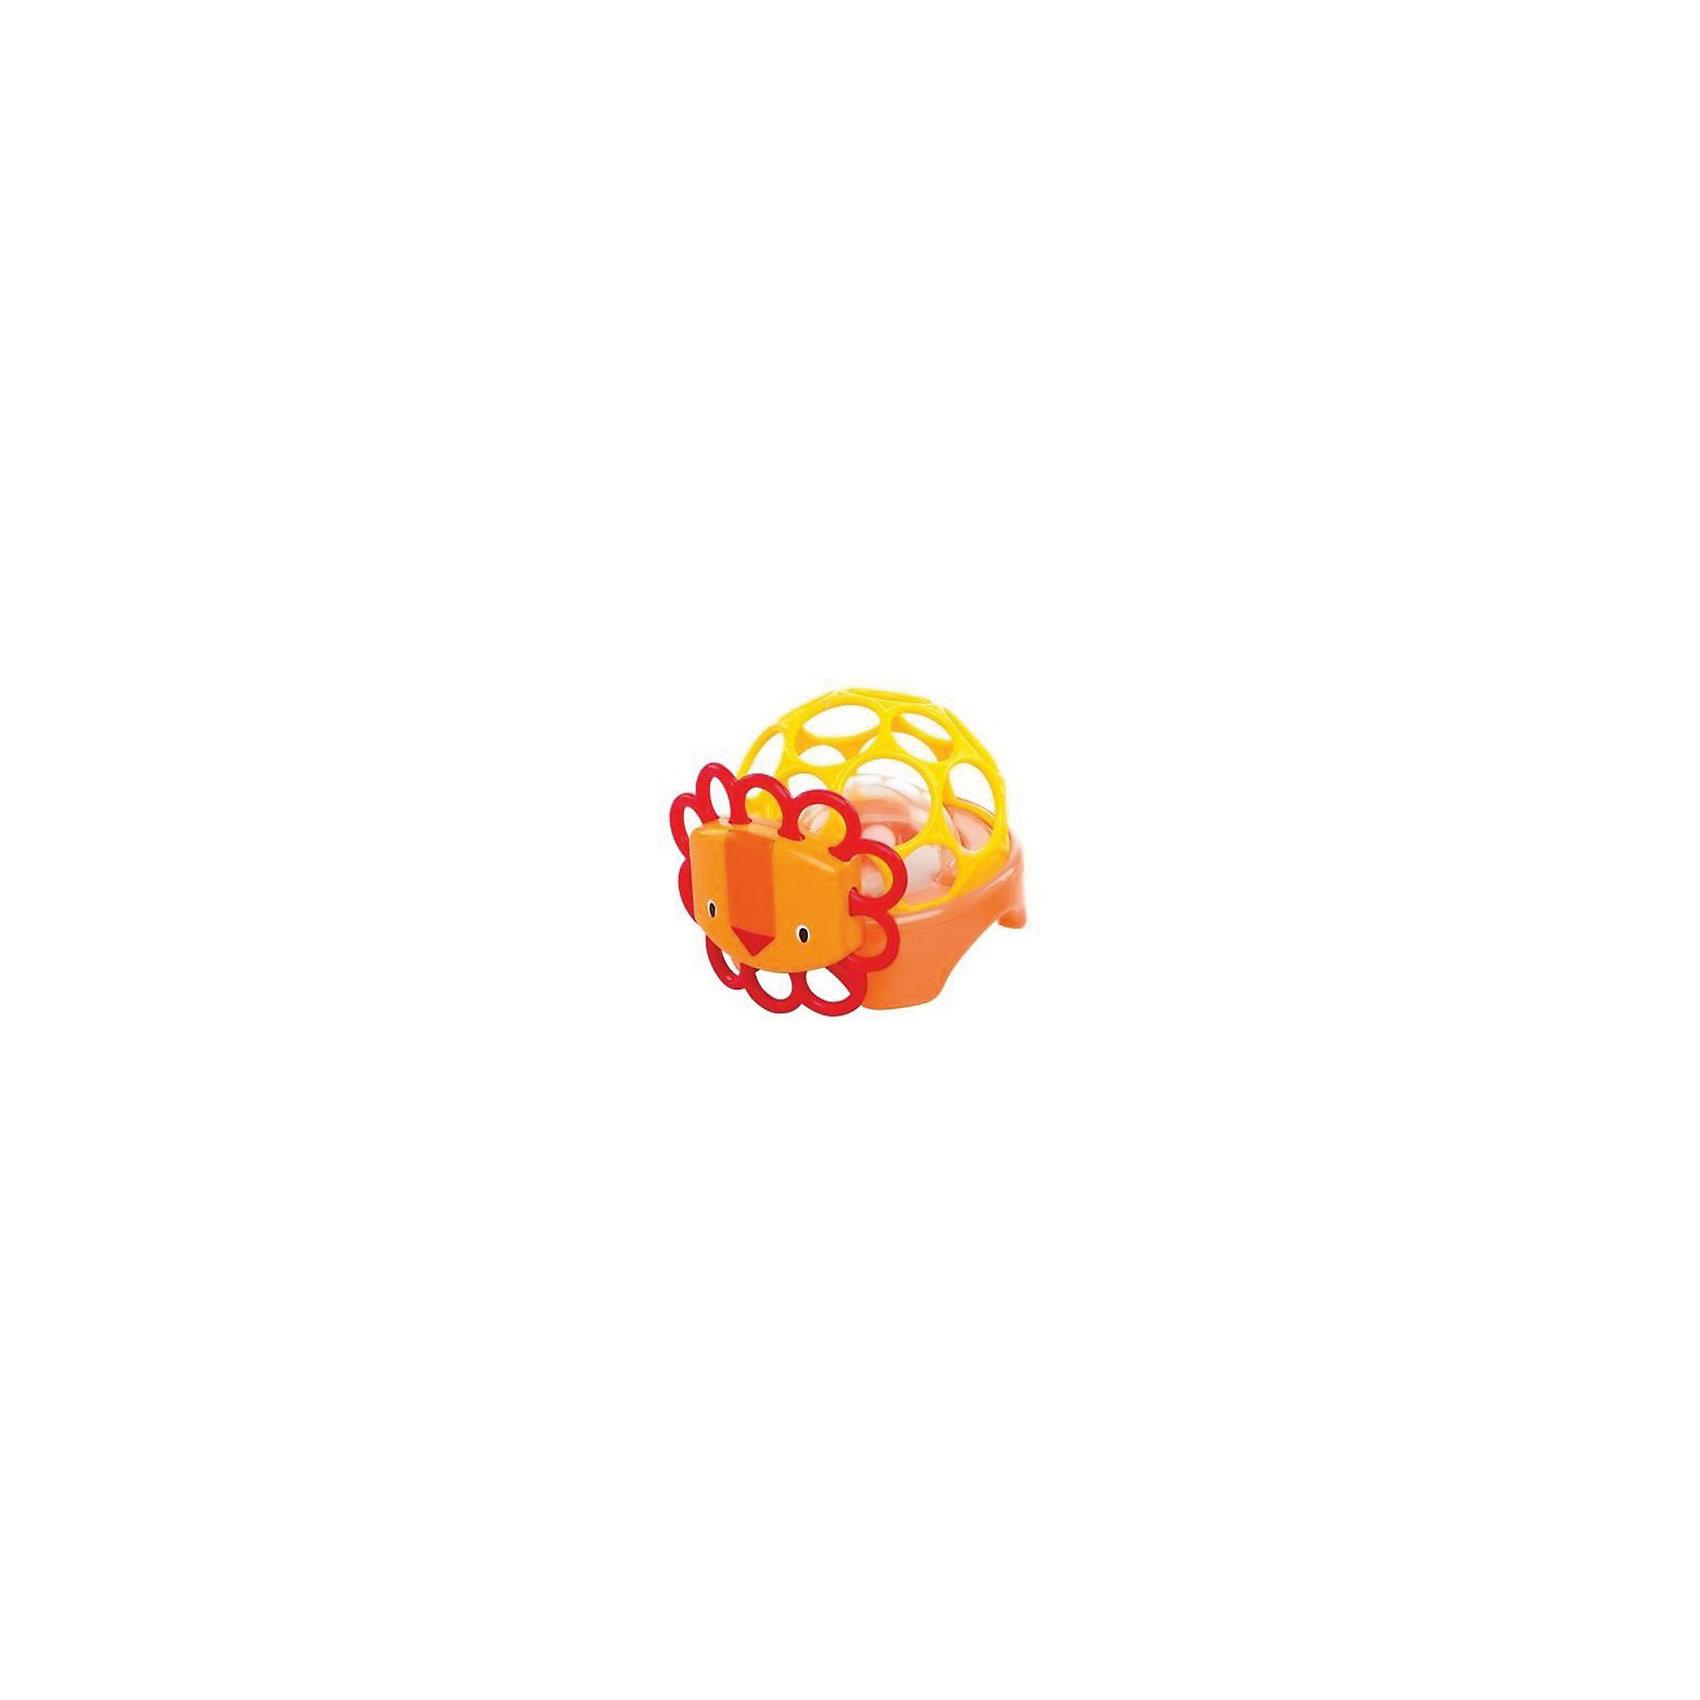 Погремушка Зоопарк Лев, OballИгрушки для малышей<br>Яркая погремушка развлечет вашего малыша. Крохе будет очень удобно держать эту игрушку, так как она сделана специально для маленьких детских ручек. Внутри прозрачного шарика находятся маленькие бусинки, которые  издают забавные звуки, когда малыш трясет игрушку. Погремушка выполнена из мягкого гибкого пластика, который не поранит ребенка. Развивает мелкую моторику, зрение и слух.<br><br>Дополнительные информация:<br><br>- Размеры товара: 10х12х9 см<br>- Материал: пластик. <br><br>Погремушку Зоопарк Лев, Oball можно купить в нашем магазине.<br><br>Ширина мм: 98<br>Глубина мм: 87<br>Высота мм: 122<br>Вес г: 183<br>Возраст от месяцев: 3<br>Возраст до месяцев: 12<br>Пол: Унисекс<br>Возраст: Детский<br>SKU: 3931058